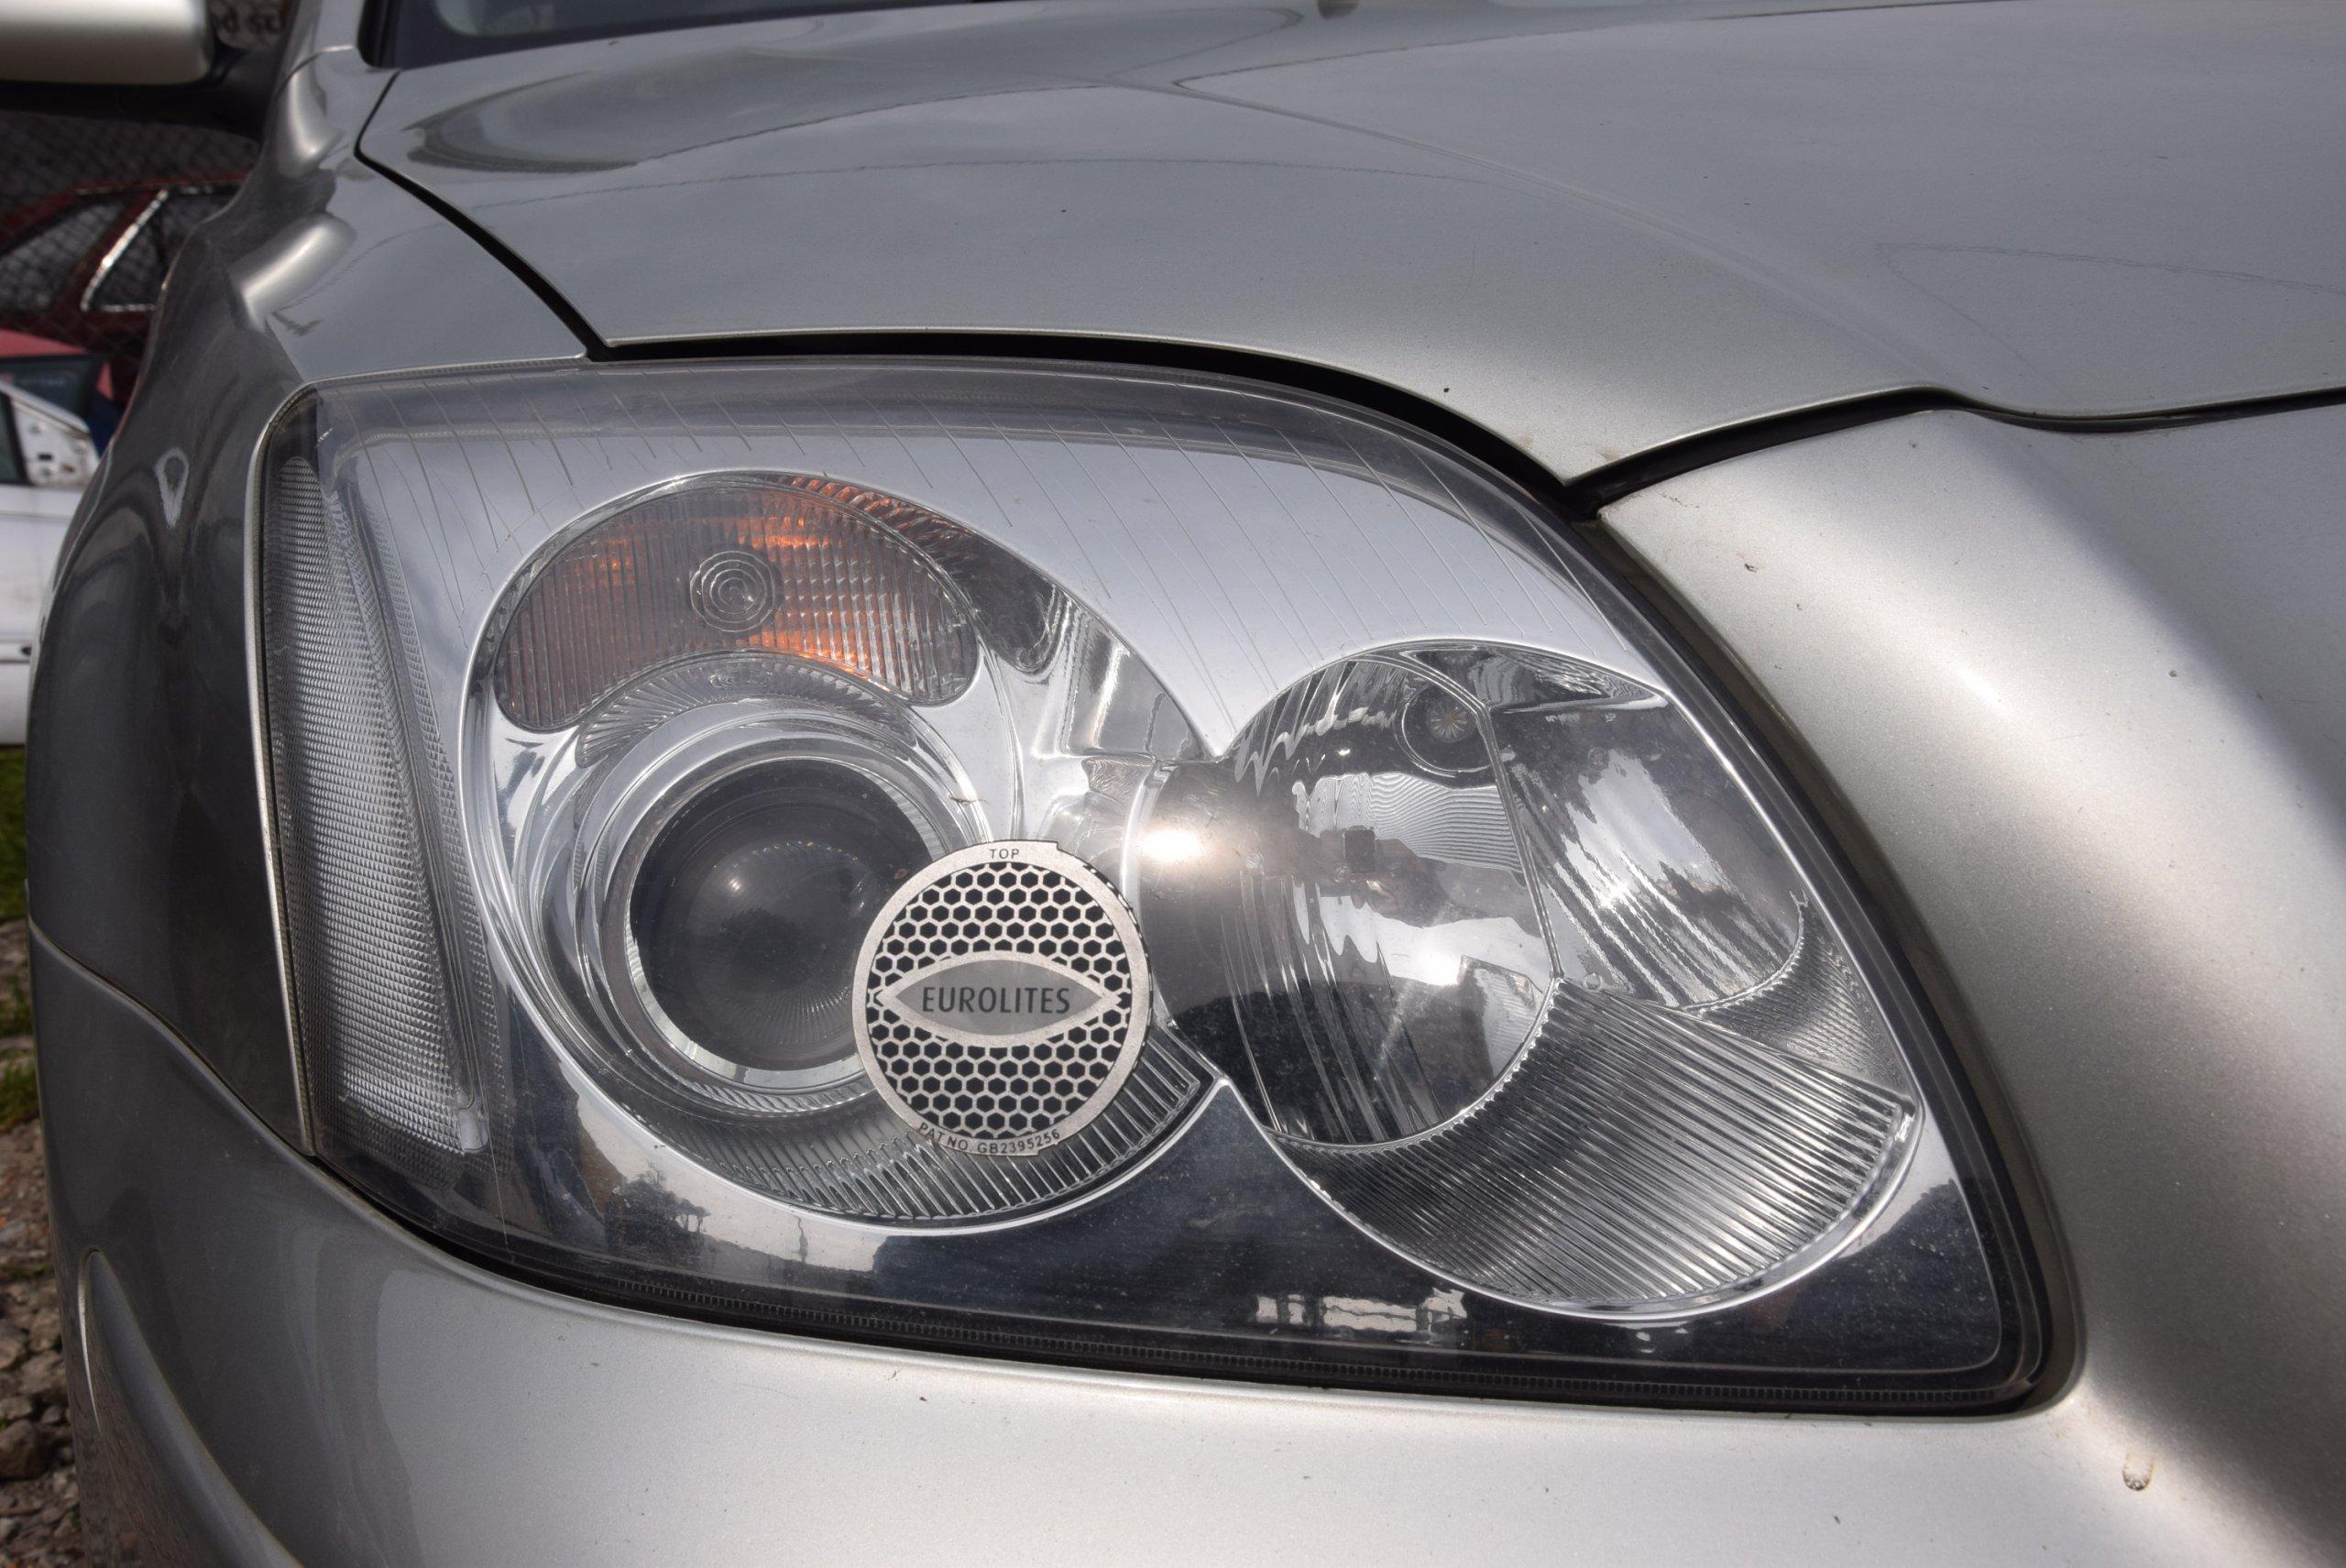 Lampa Prawy Przód Przedni Toyota Avensis Ii T25 Uk